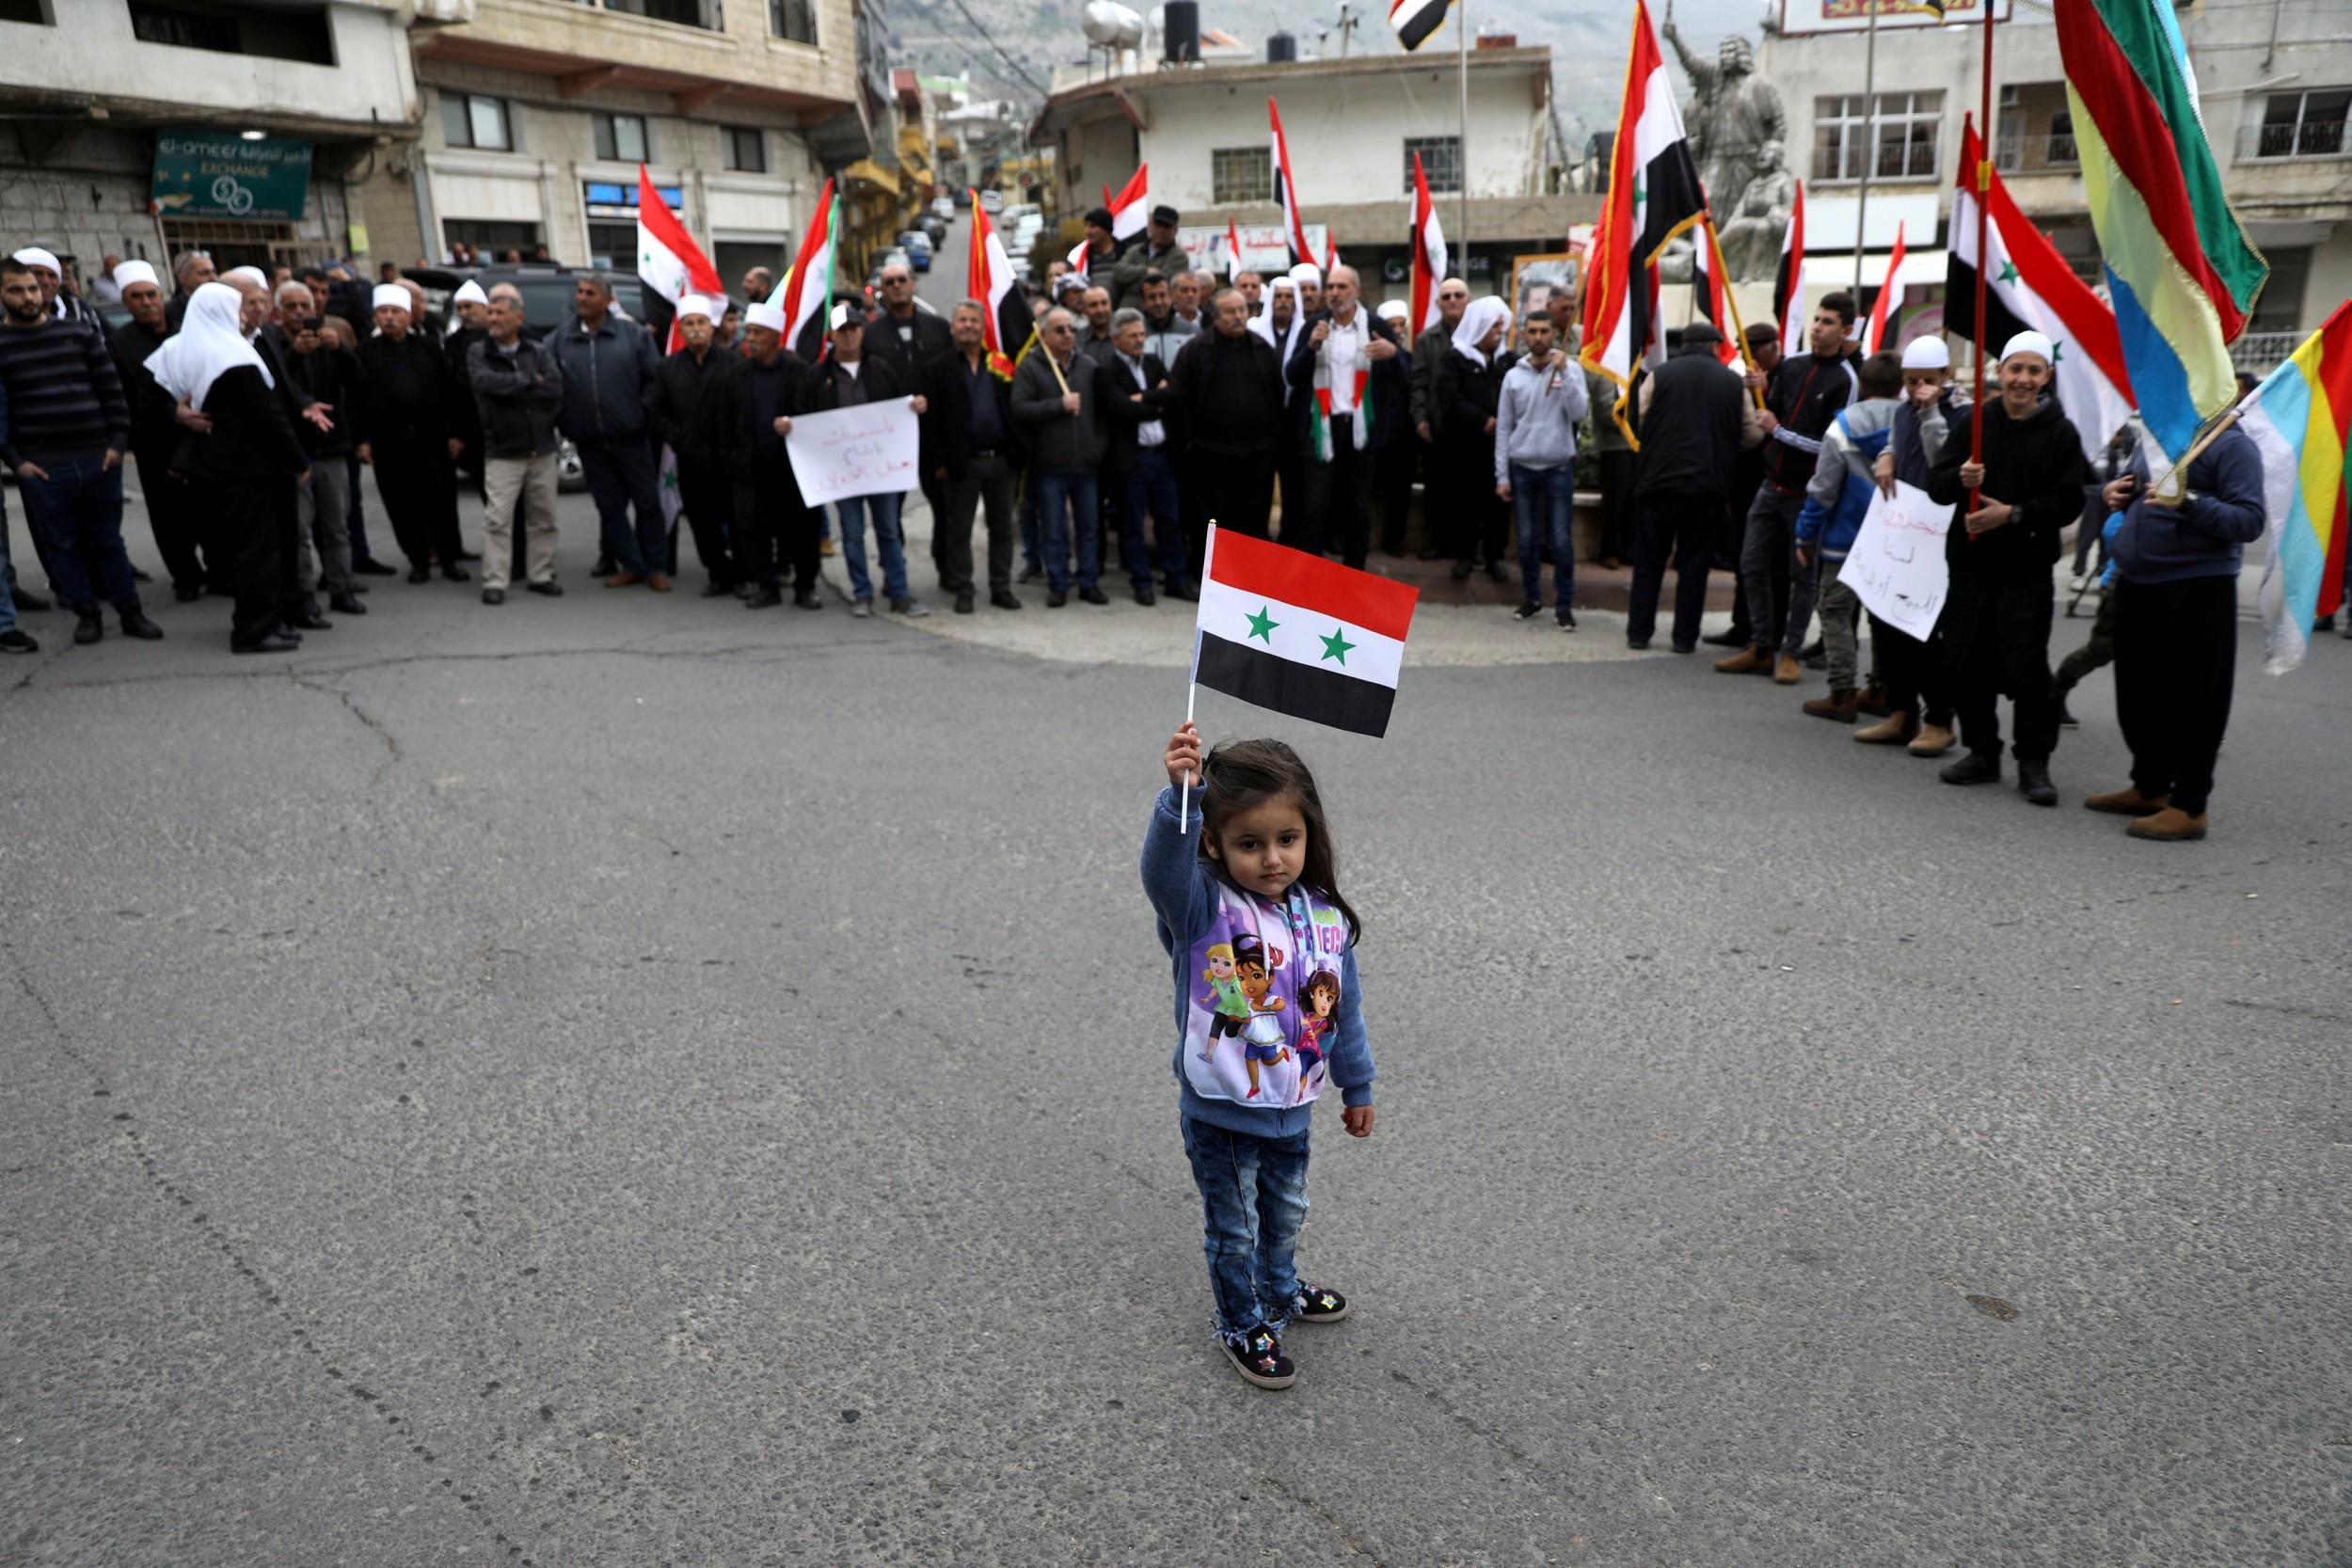 وقفة احتجاجية لسكان بلدة مجدل شمس المطلة على خط الهدنة الفاصل بين سوريا وإسرائيل (رويترز)